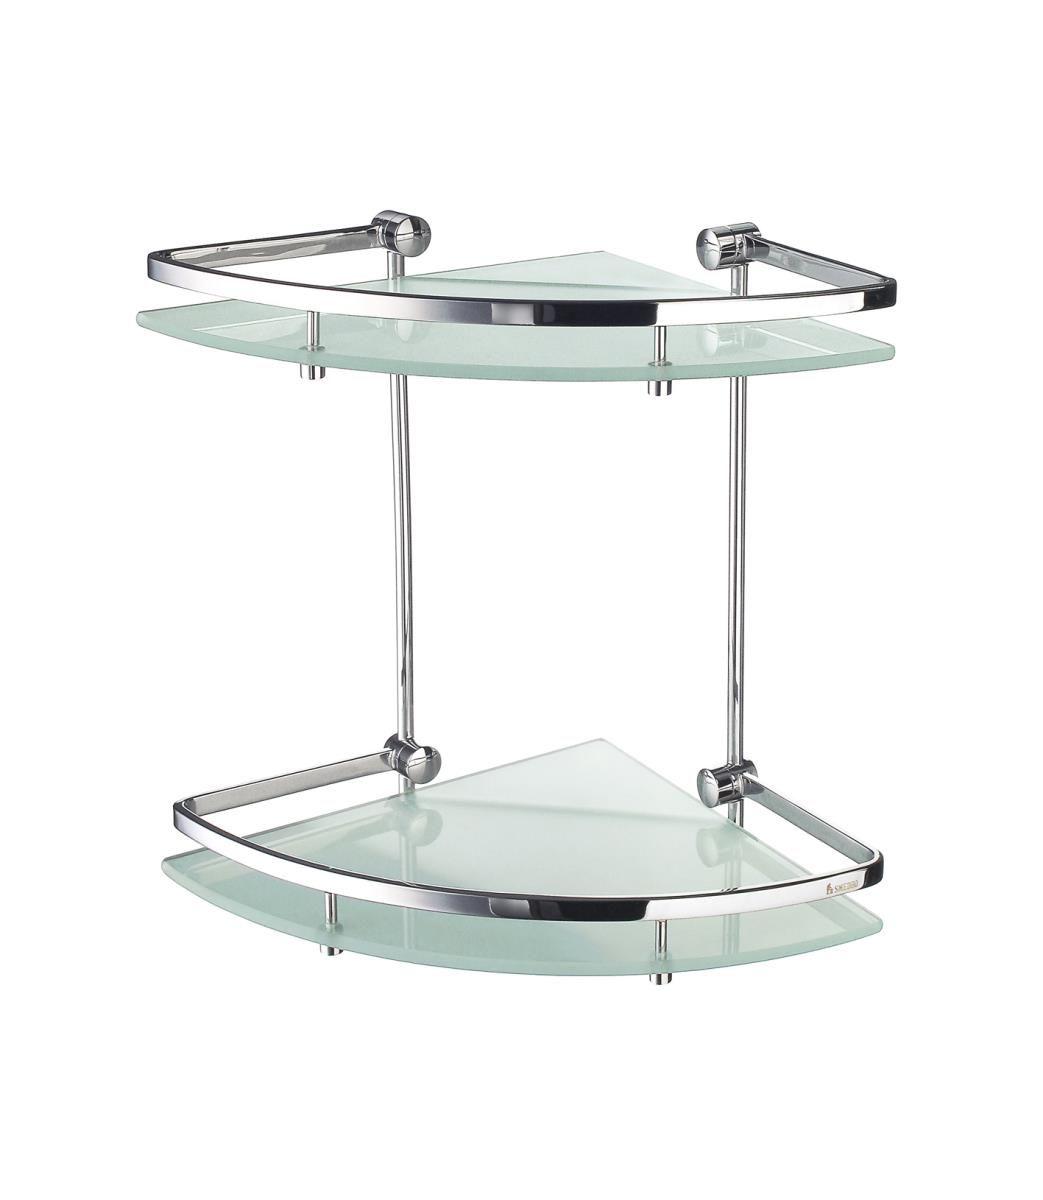 Pin Von Effi Lee Auf Badezimmer Mit Bildern Badspiegel Mit Regal Wandregal Glasregal